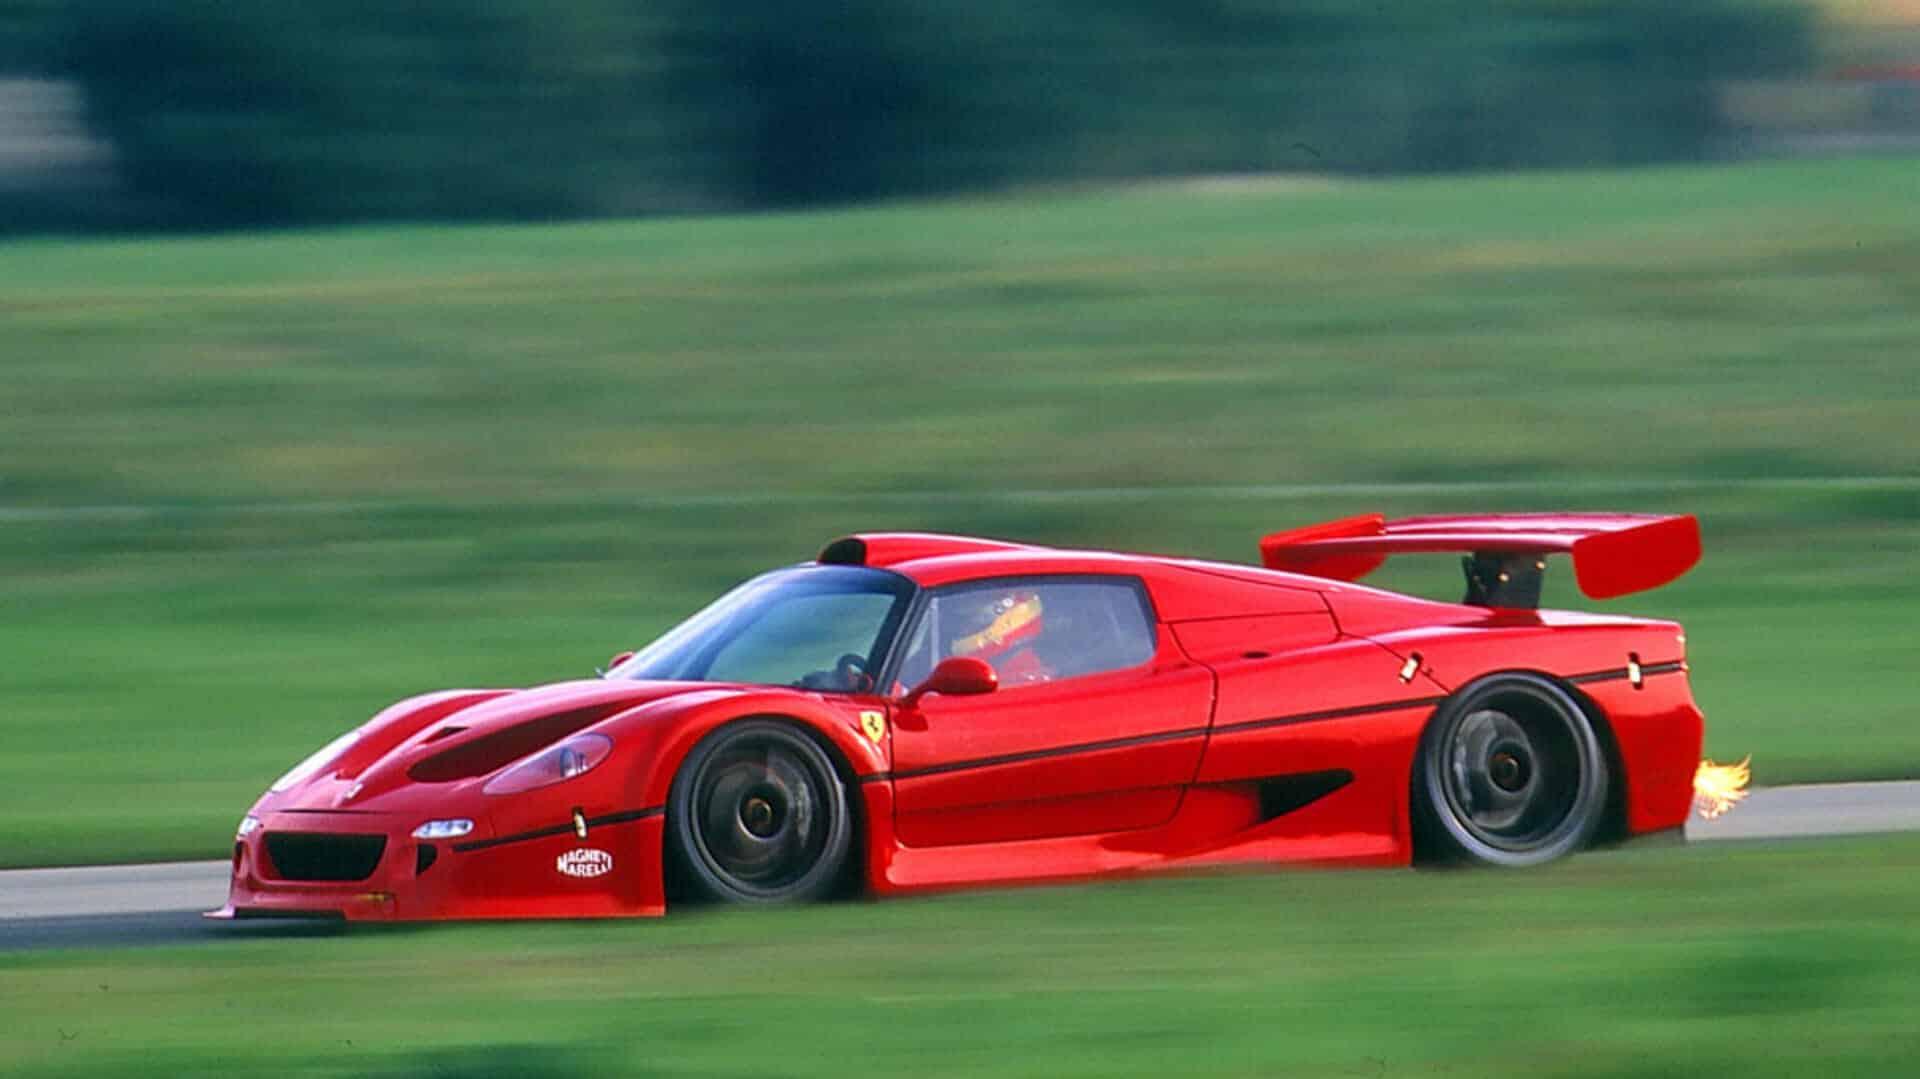 Ferrari F50 GT - Picture 3